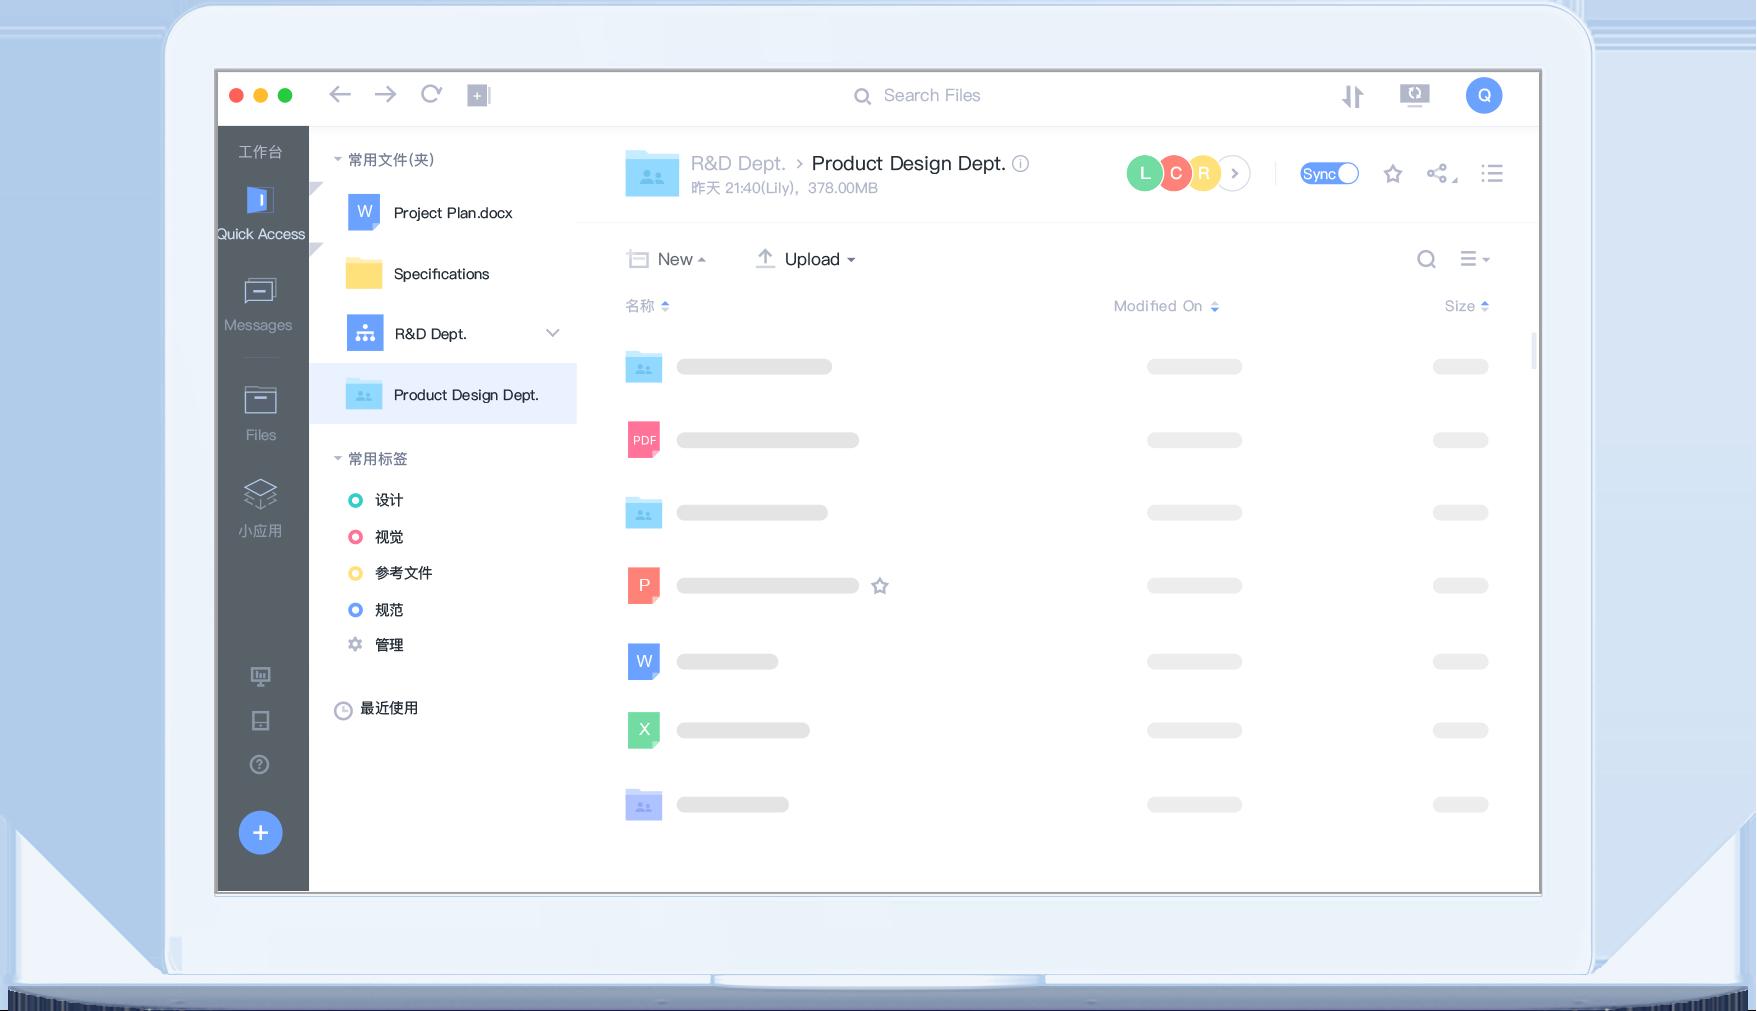 亿方云企业文件共享网盘:UI组件